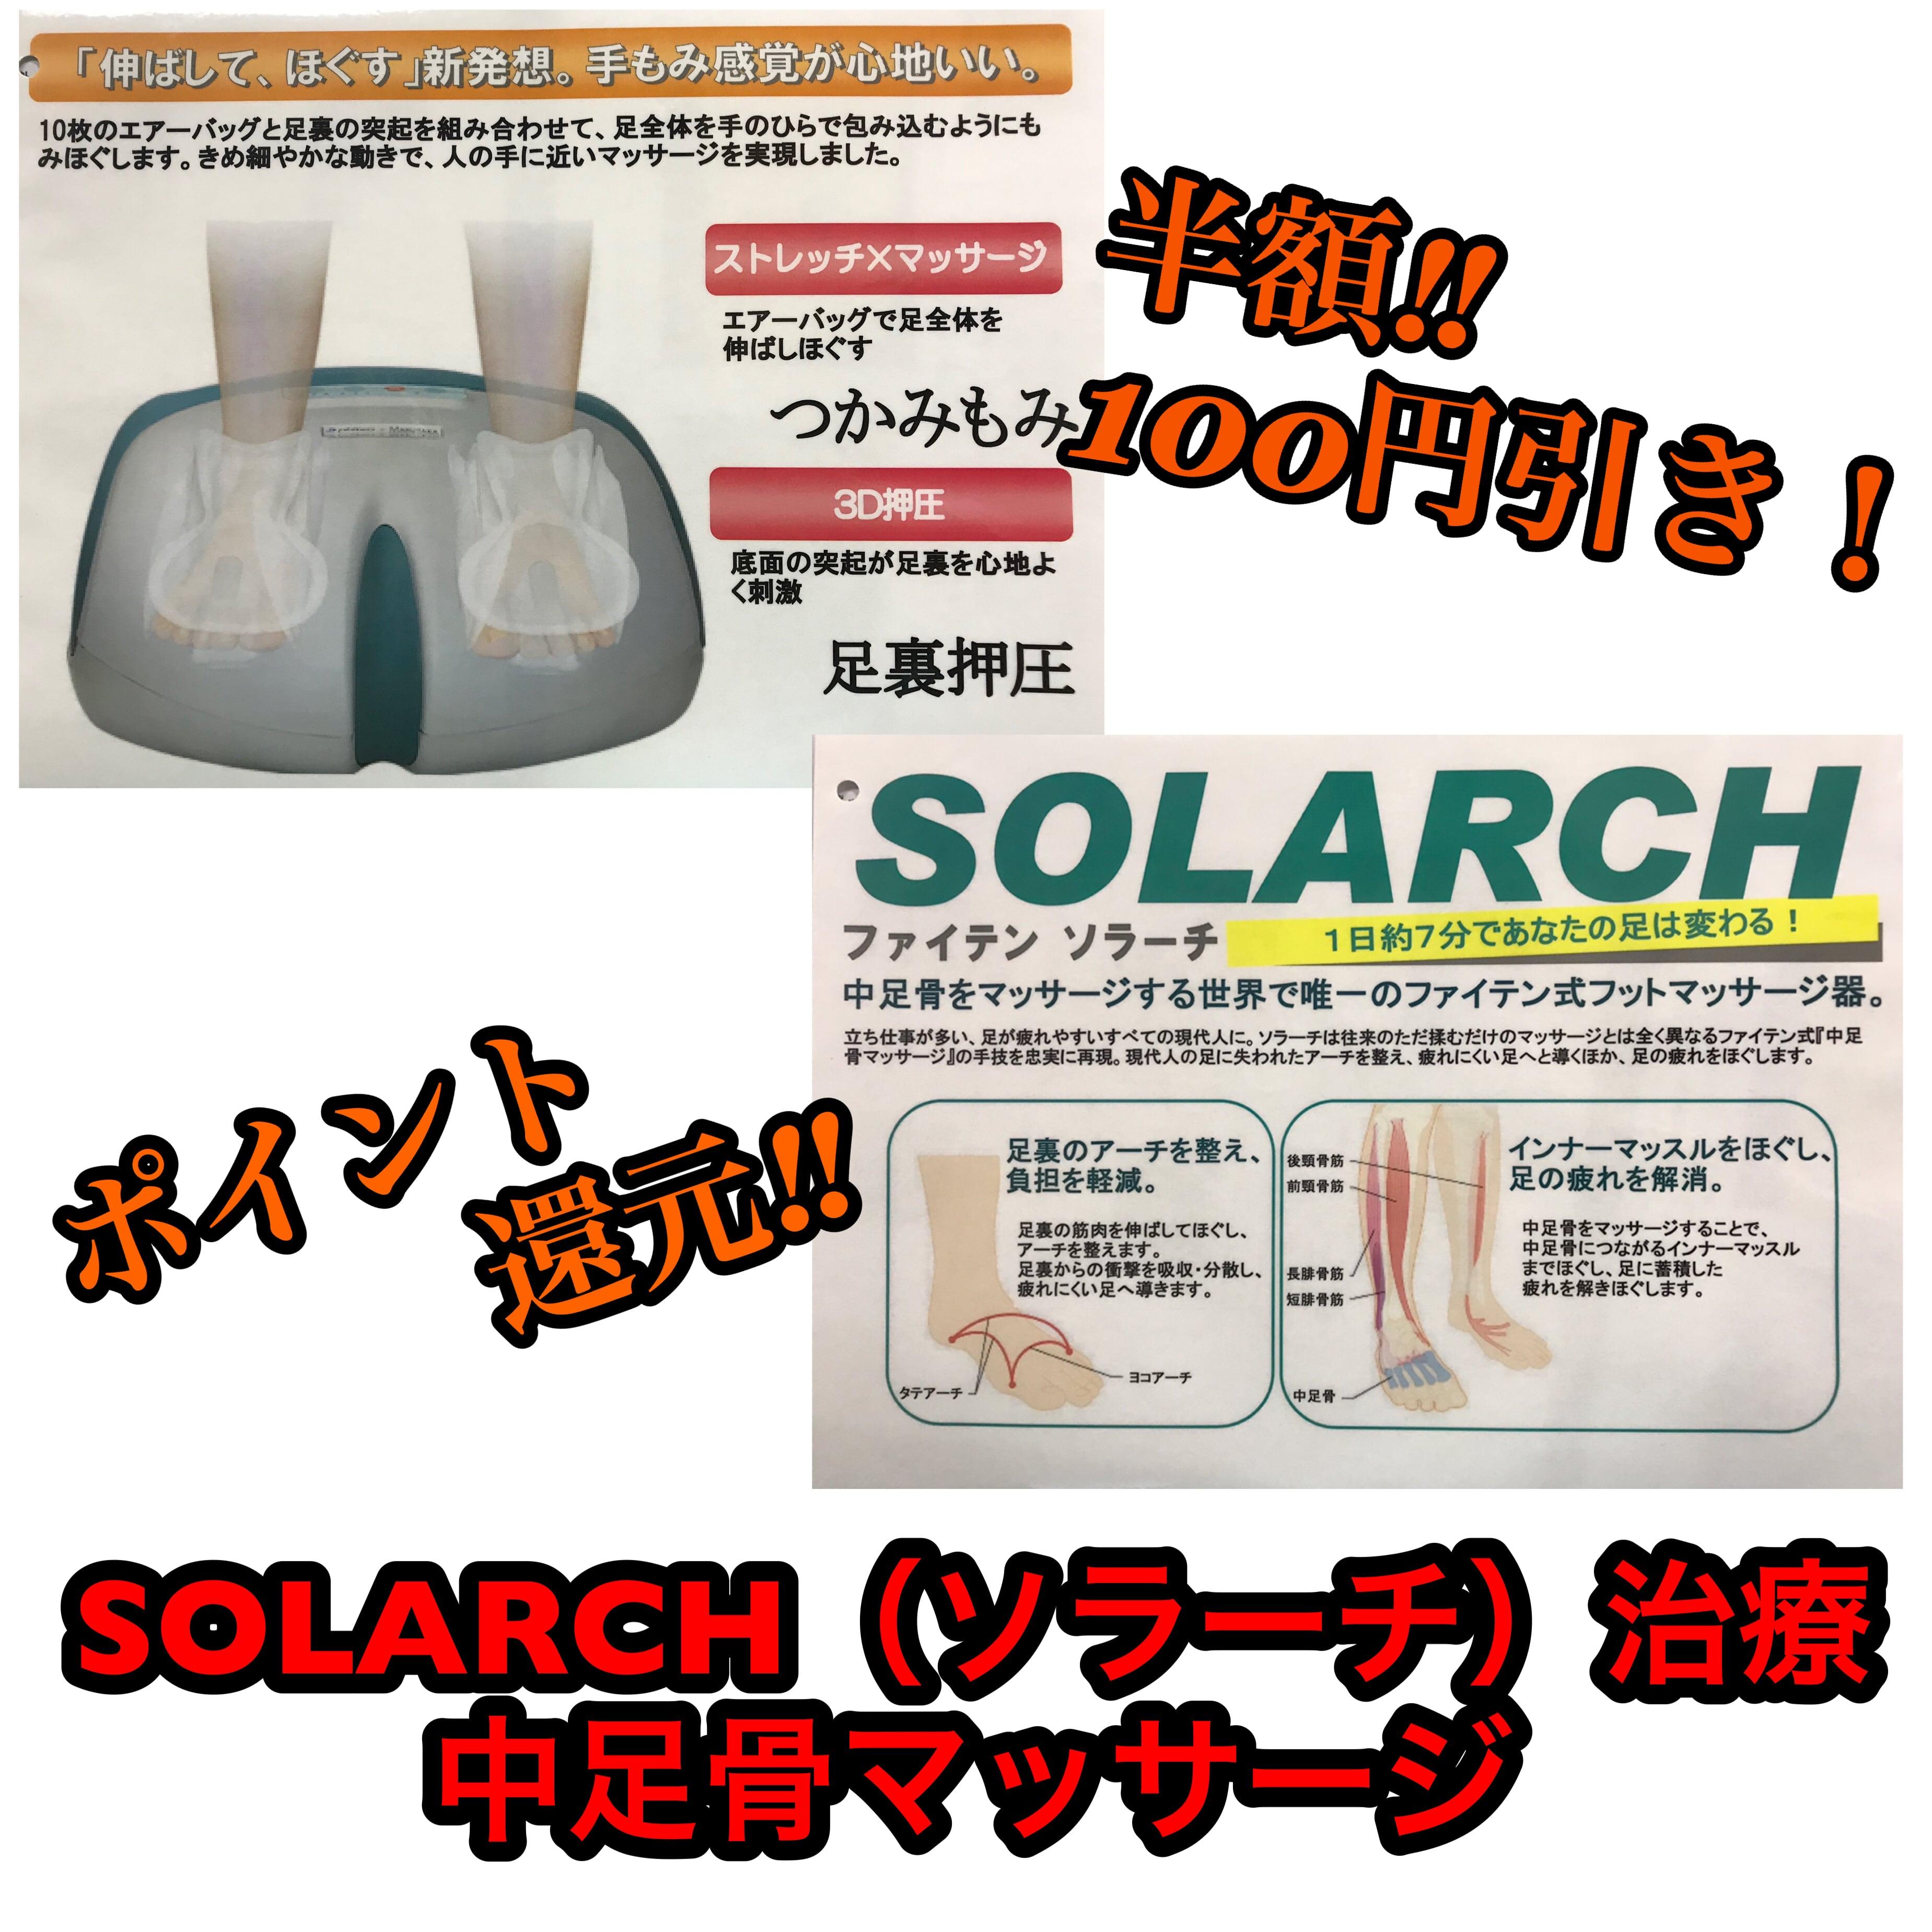 「SOLARCH治療」中足骨マッサージ治療お得なウェブチケット(店頭払い専用)のイメージその1